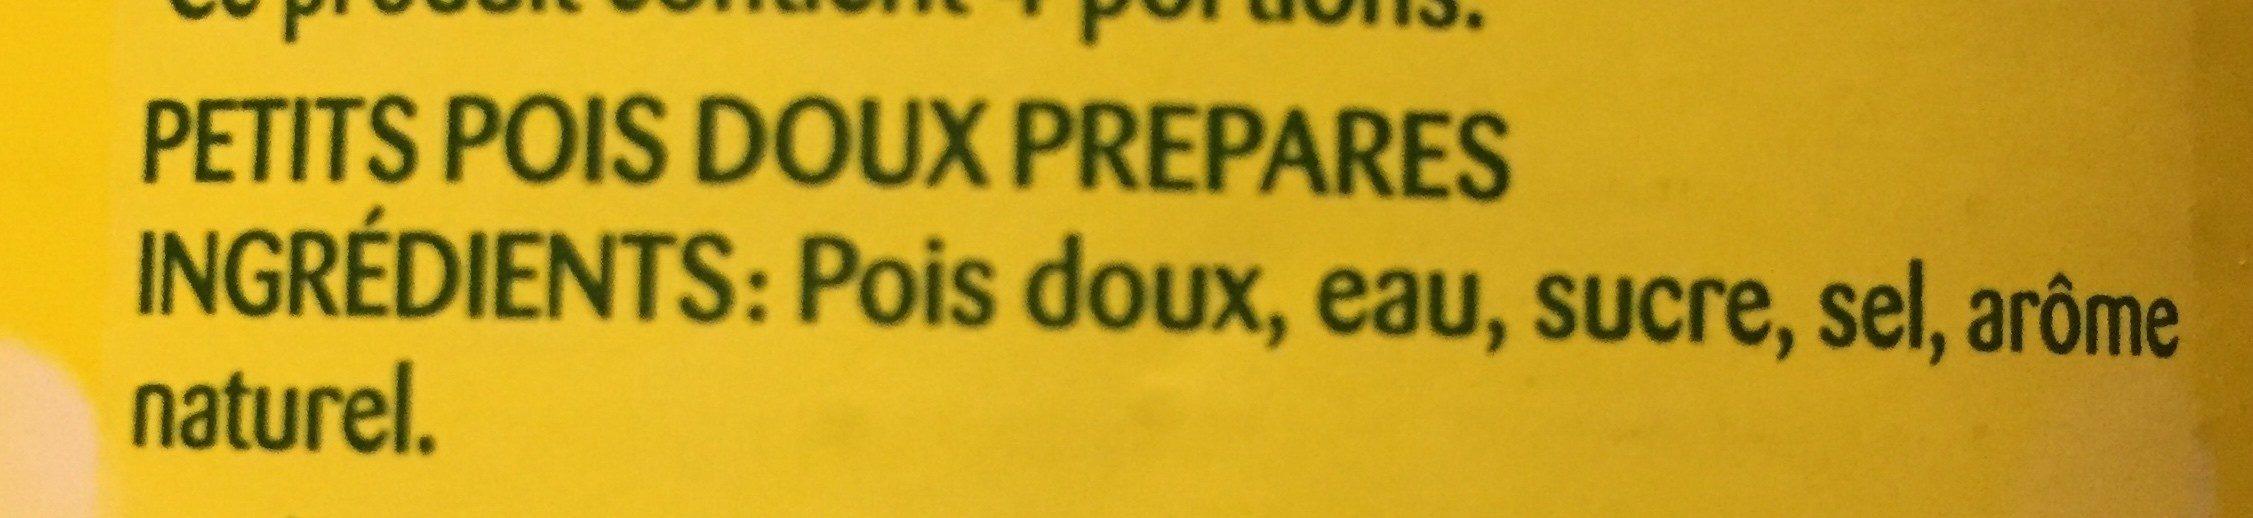 Vapeur Pois Doux Bonduelle - Ingrédients